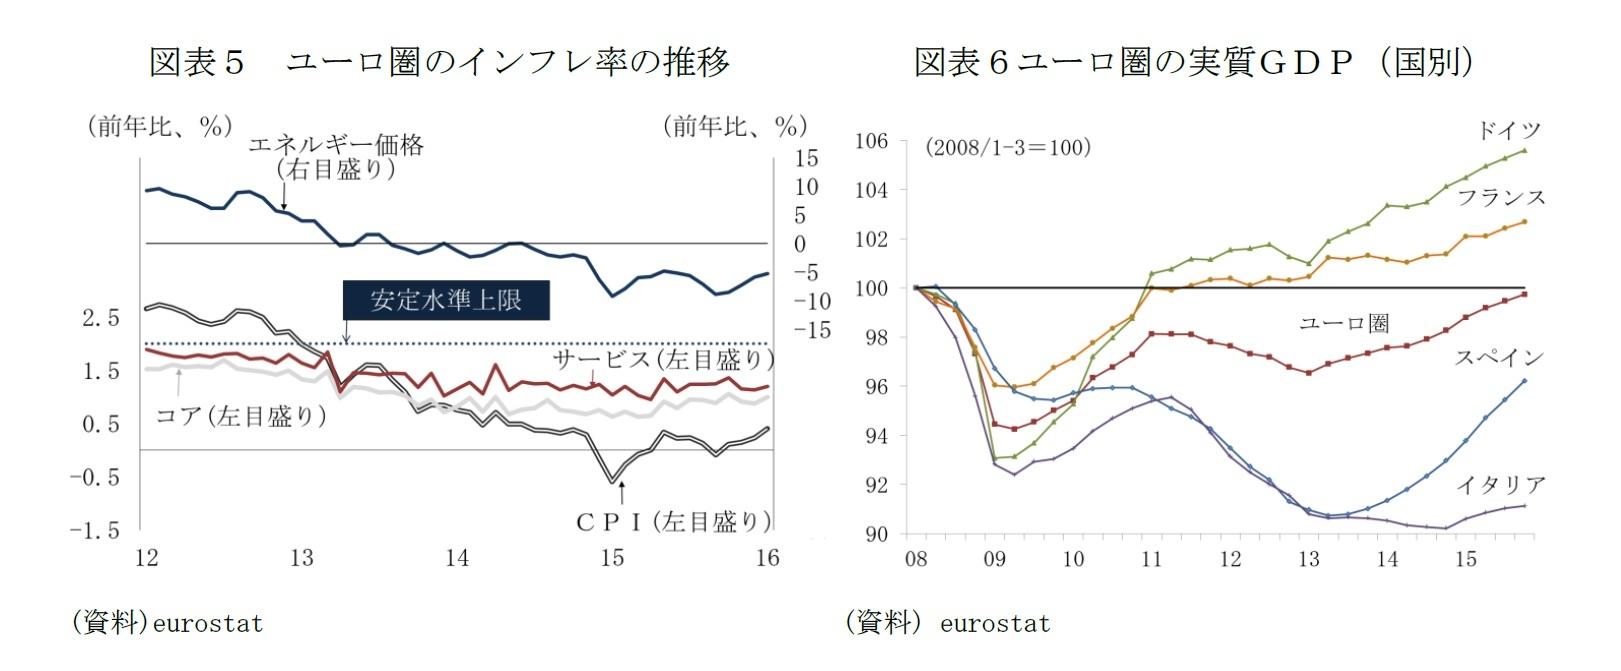 図表5 ユーロ圏のインフレ率の推移/図表6 ユーロ圏の実質GDP(国別)